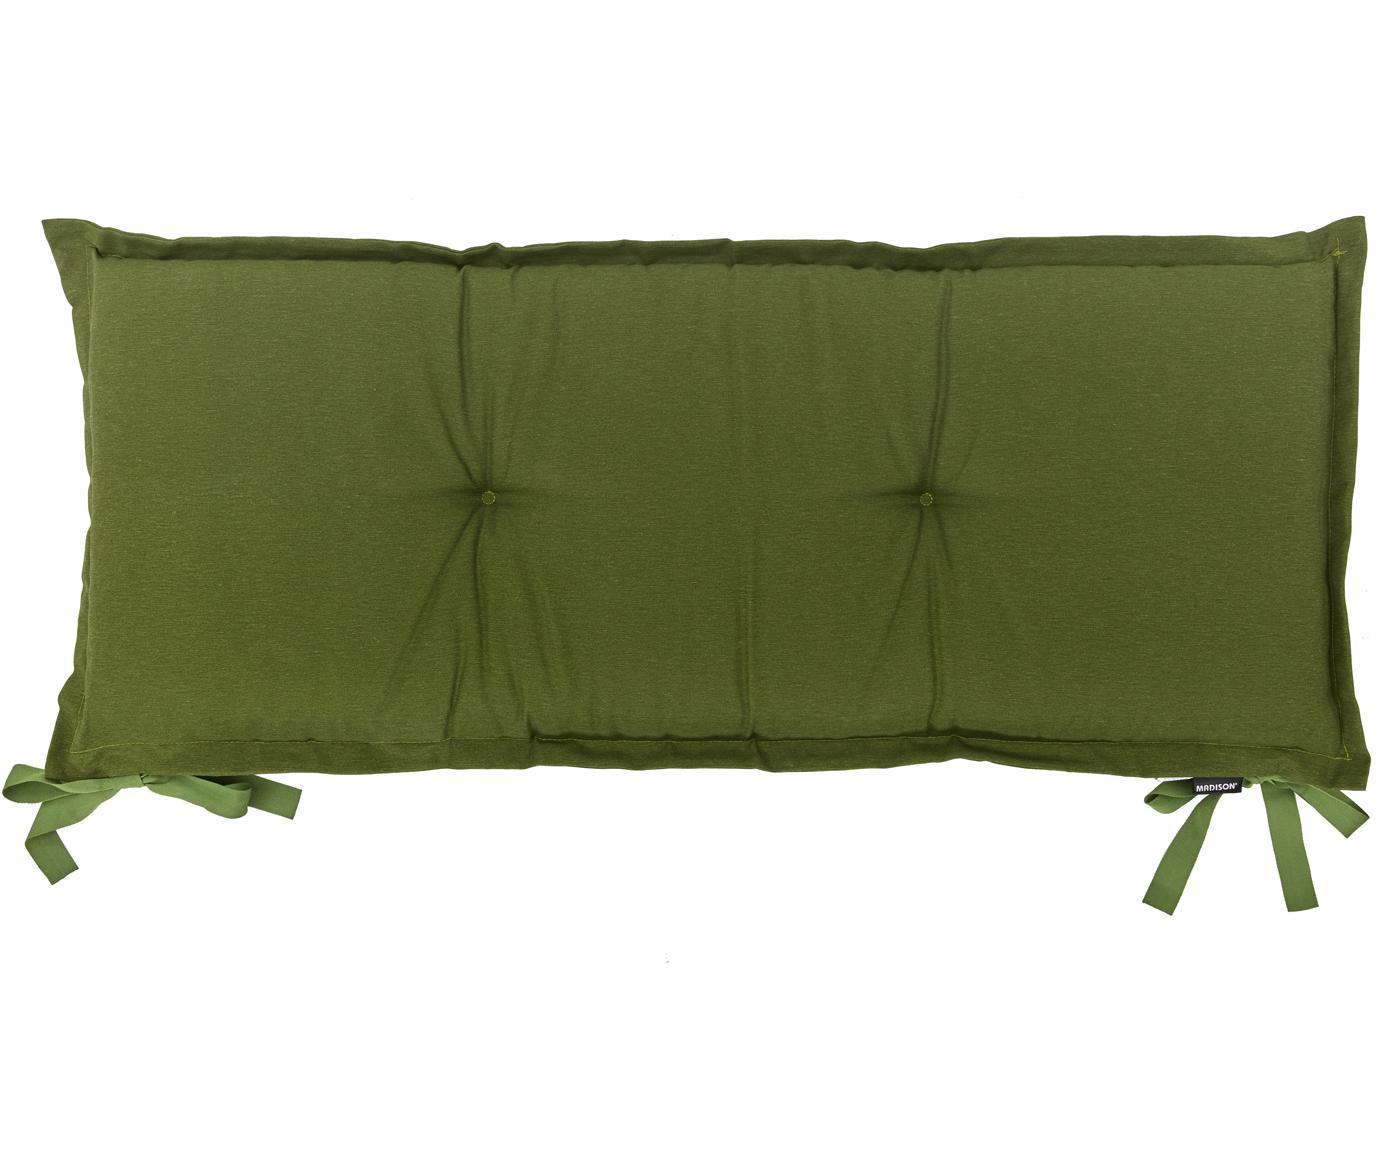 Nakładka na ławkę Panama, Tapicerka: 50% bawełna, 45% polieste, Zielony, S 48 x D 120 cm